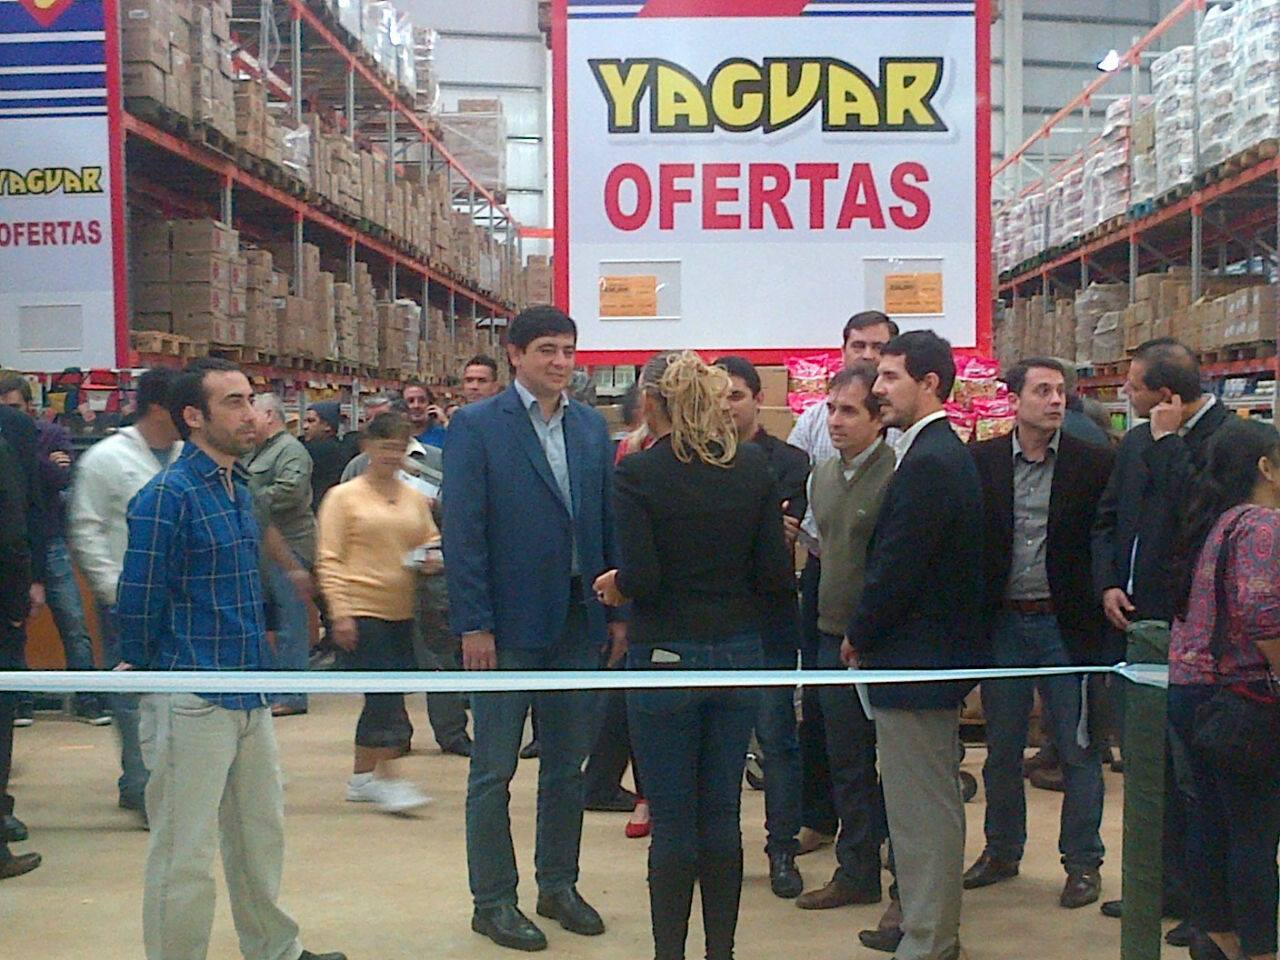 Inaguracion Yaguar